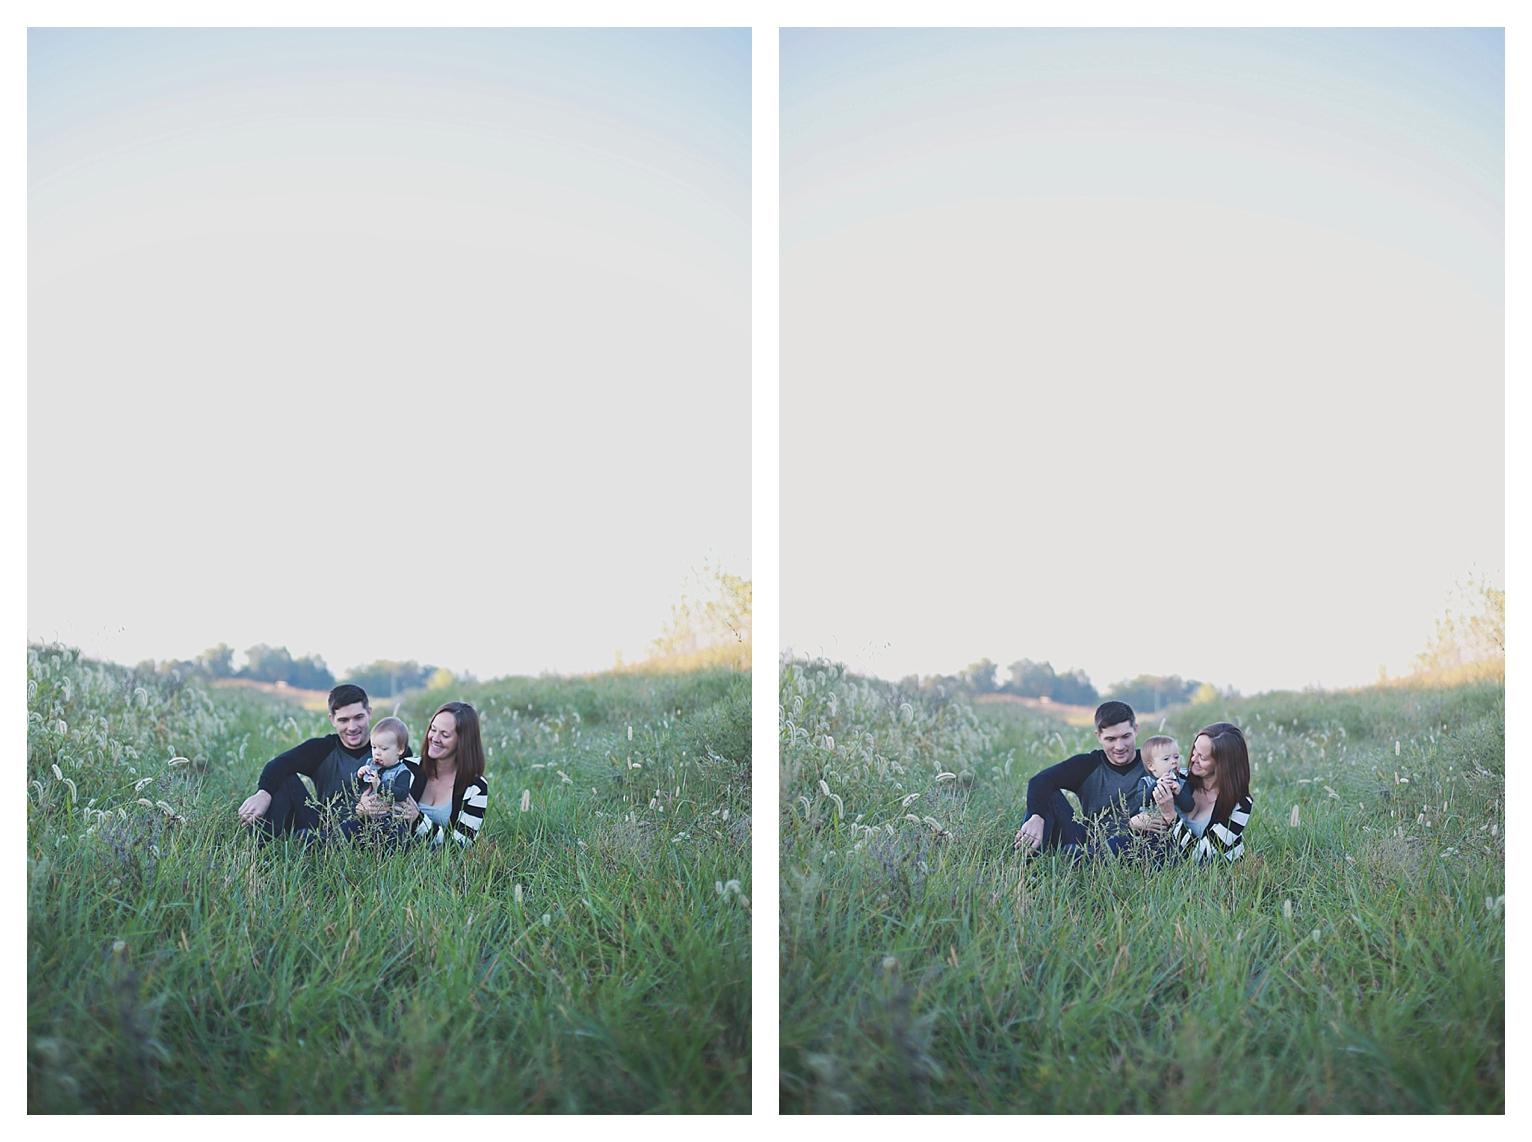 2015-09-28_0004.jpg